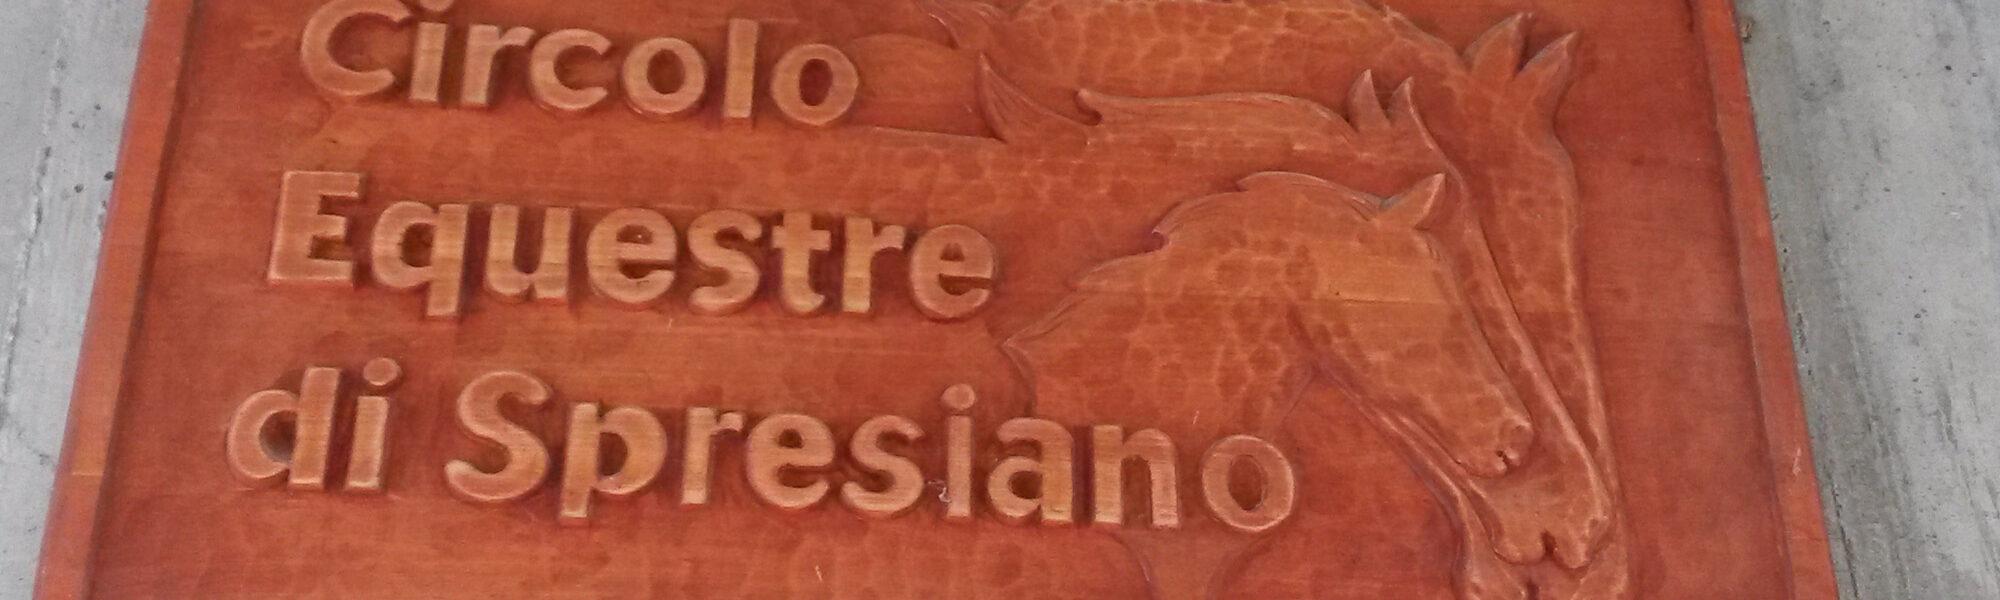 ...questo è Circolo Equestre di Spresiano!